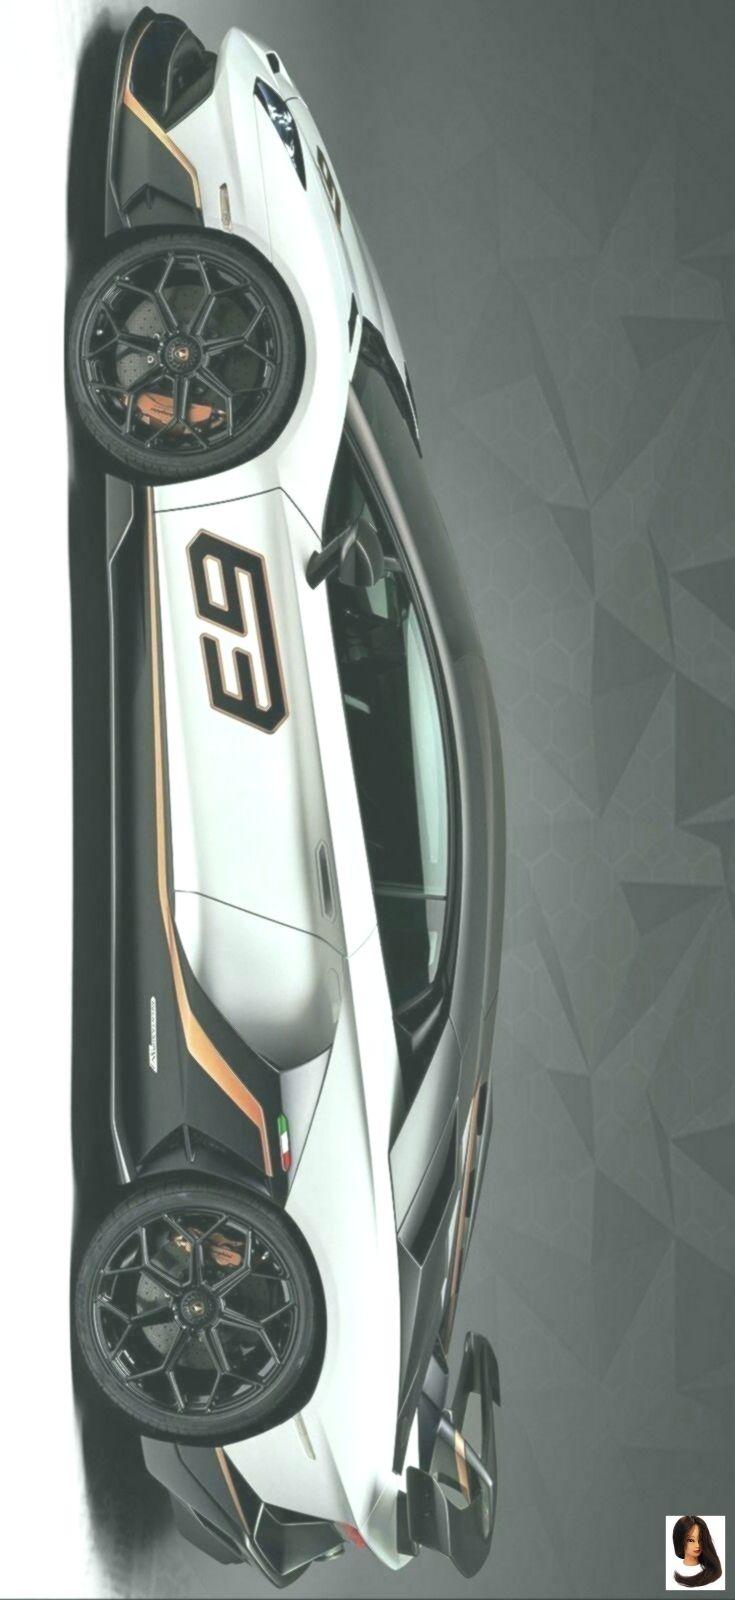 HEISS oder NICHT? Sagen Sie uns, was Sie von diesem Luxus-Supersportwagen halten! Klicken um zu di